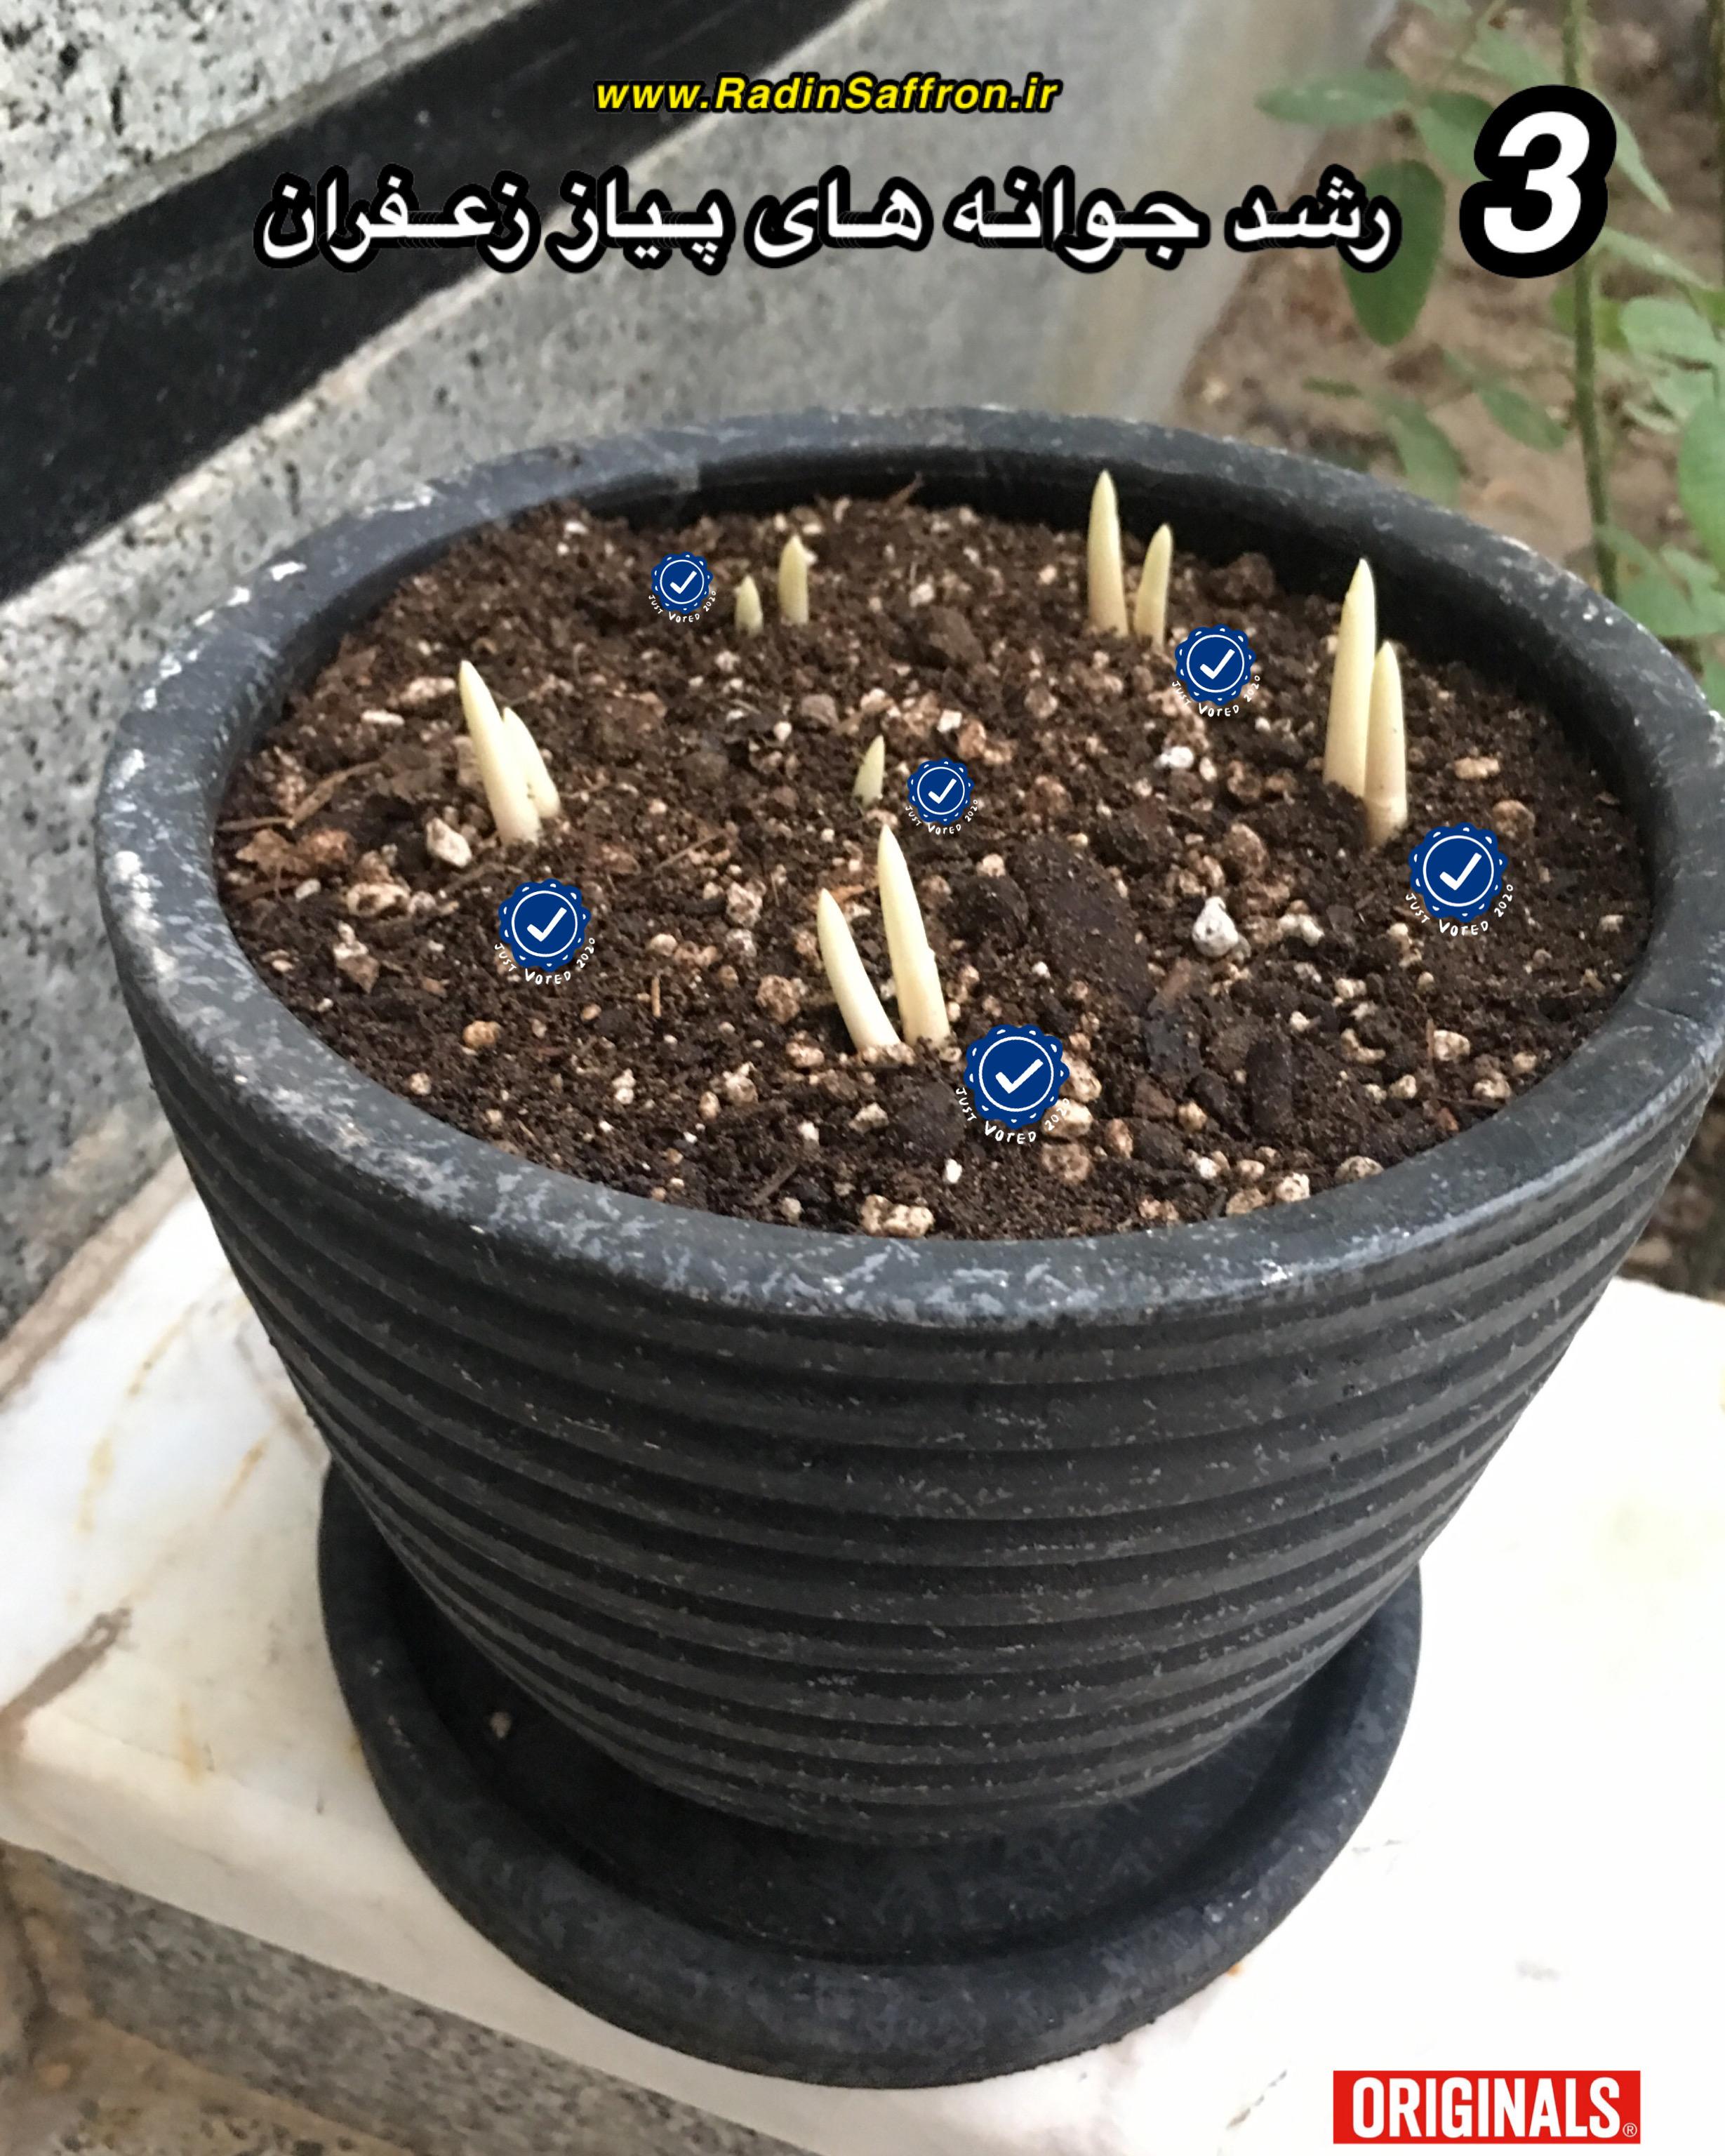 آموزش آبیاری زعفران در گلدان